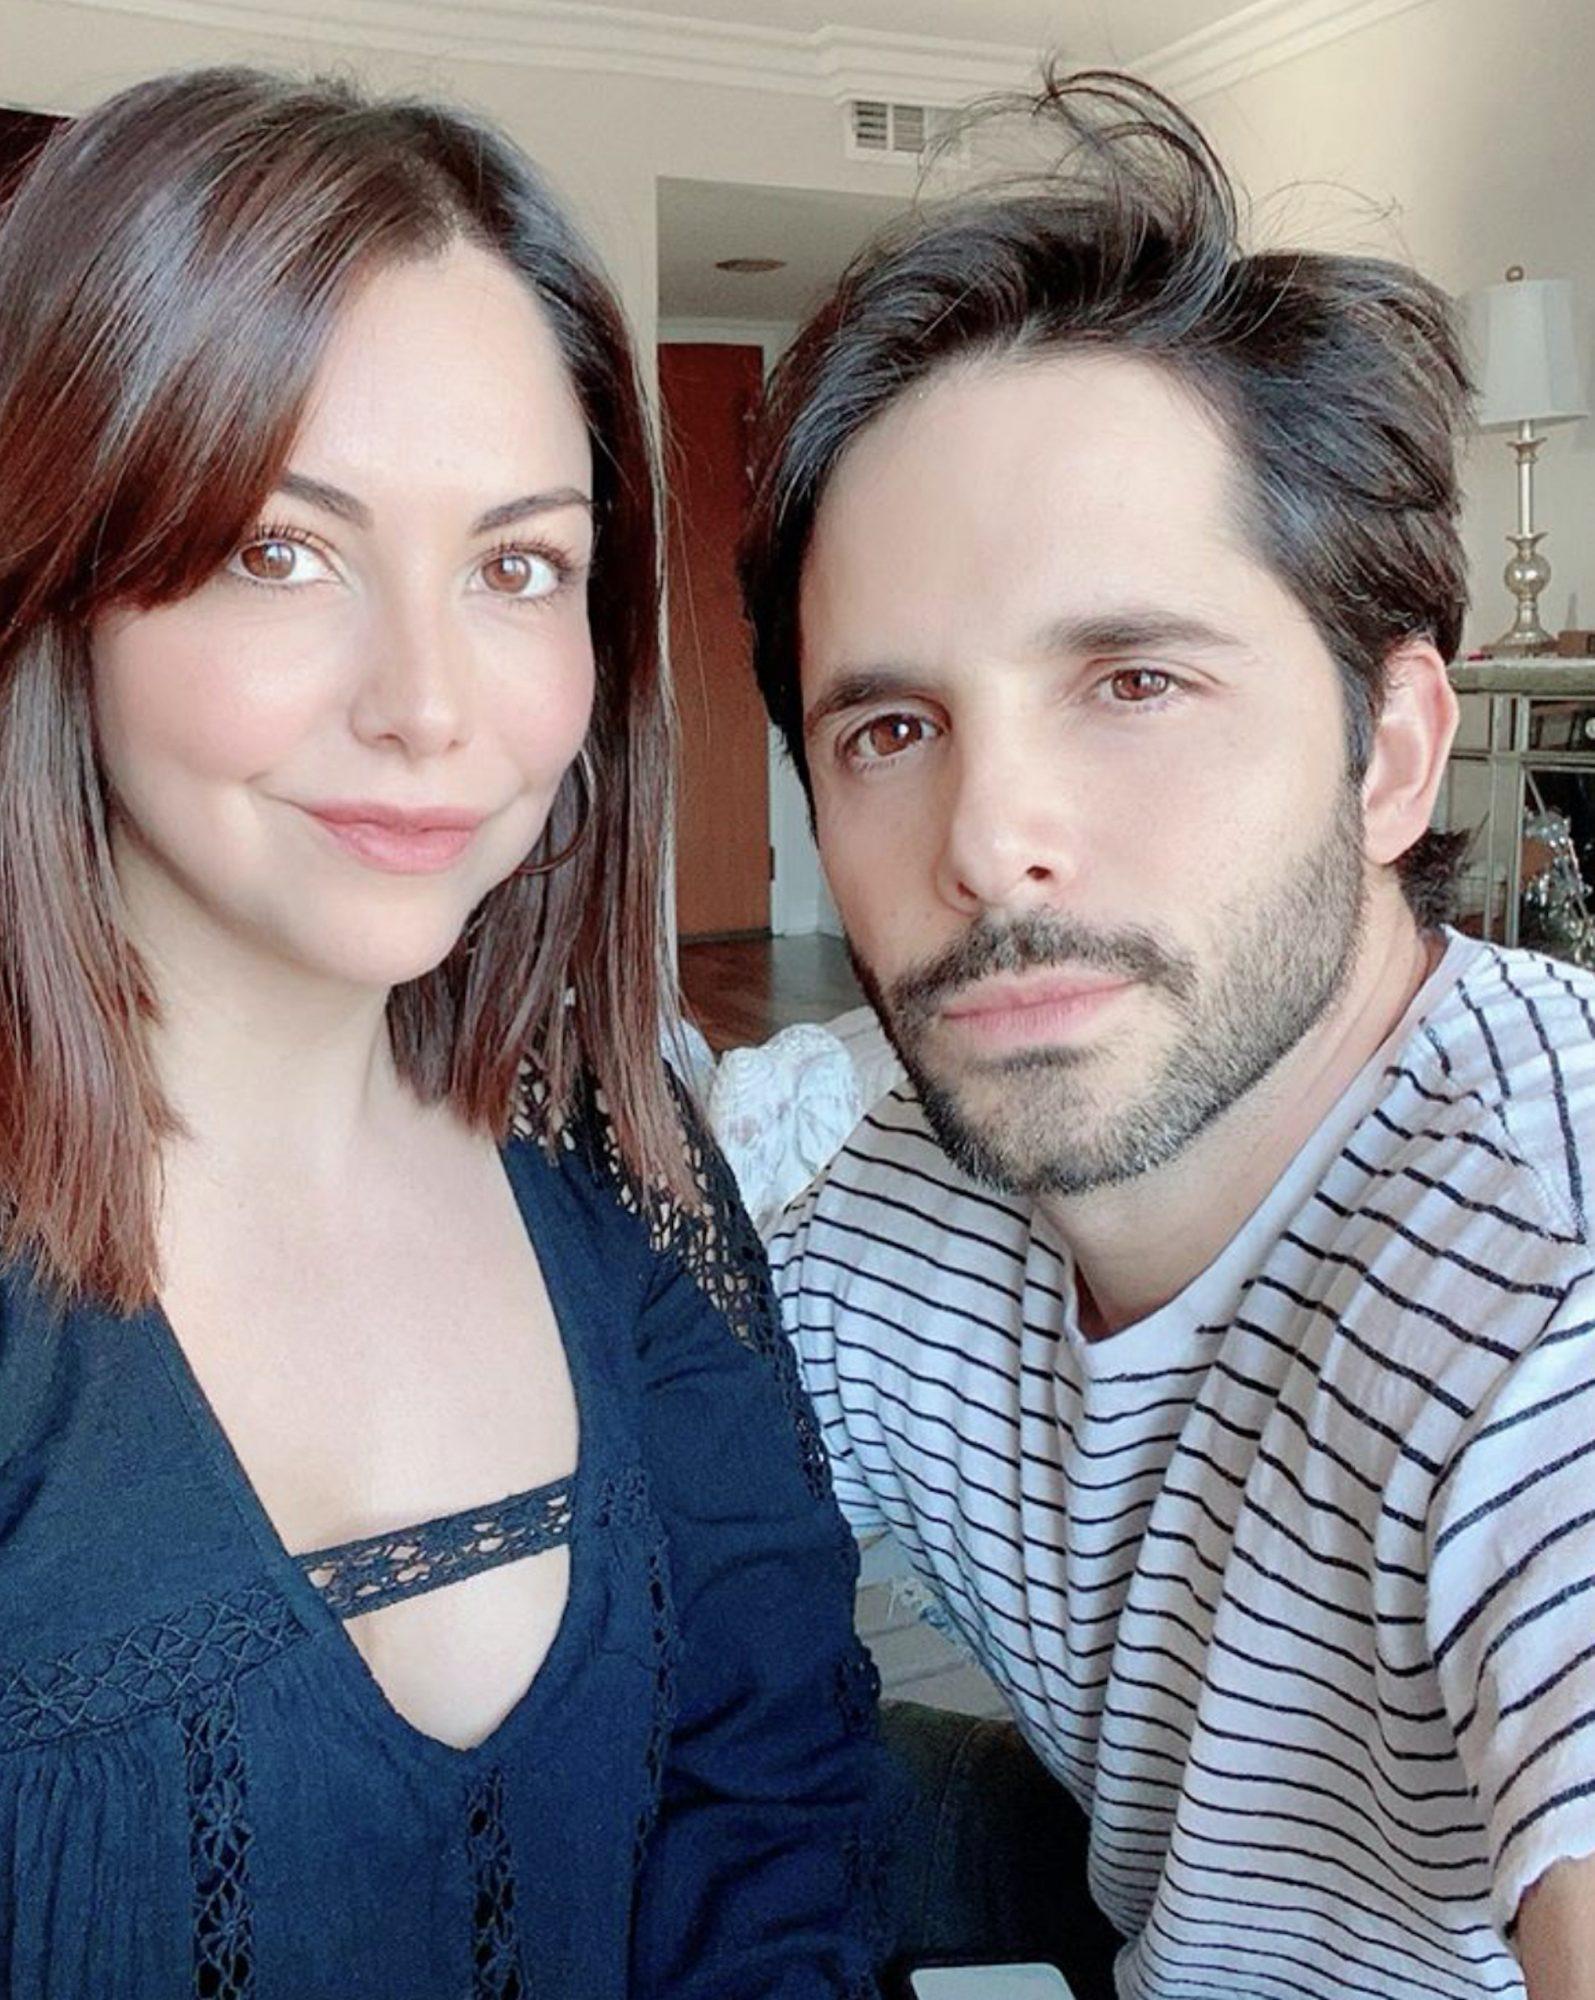 Ilean Almaguer y Lucas Velasquez